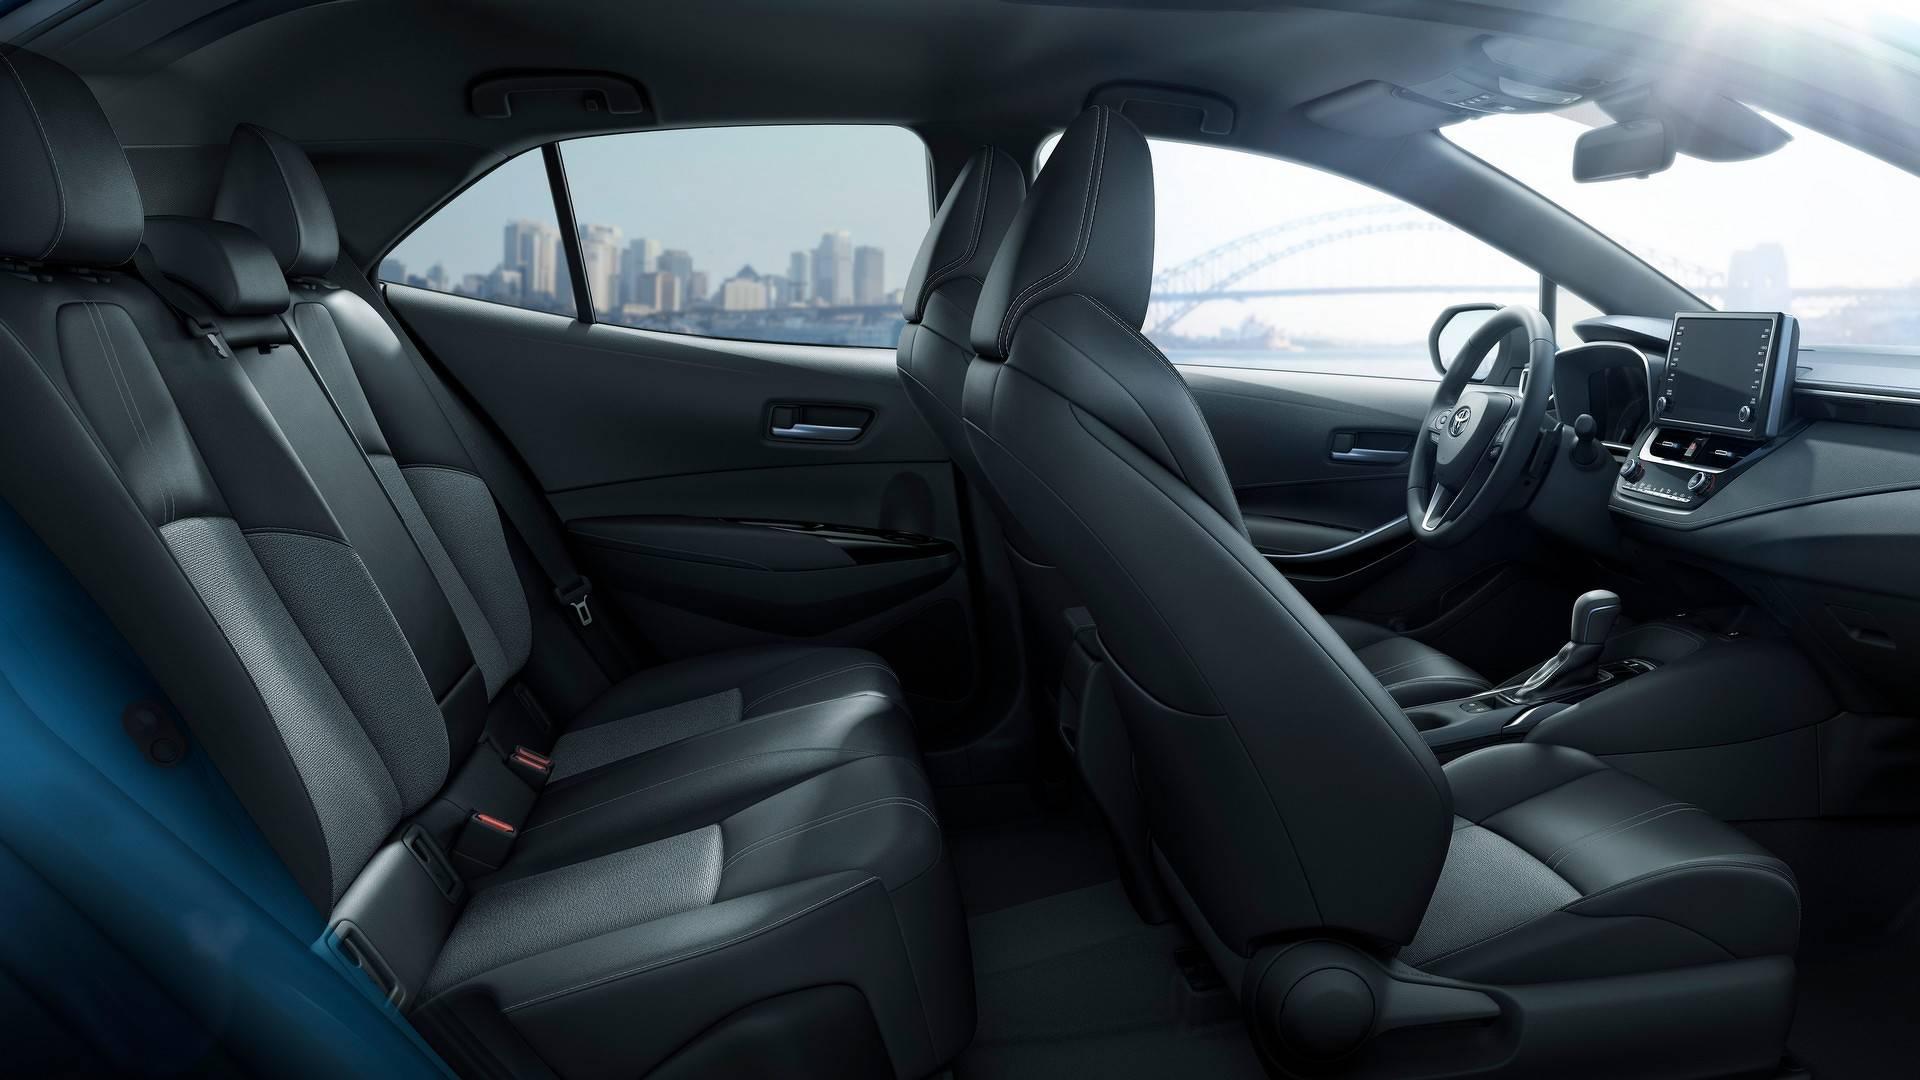 2019_Toyota_Corolla_Hatchback_0021